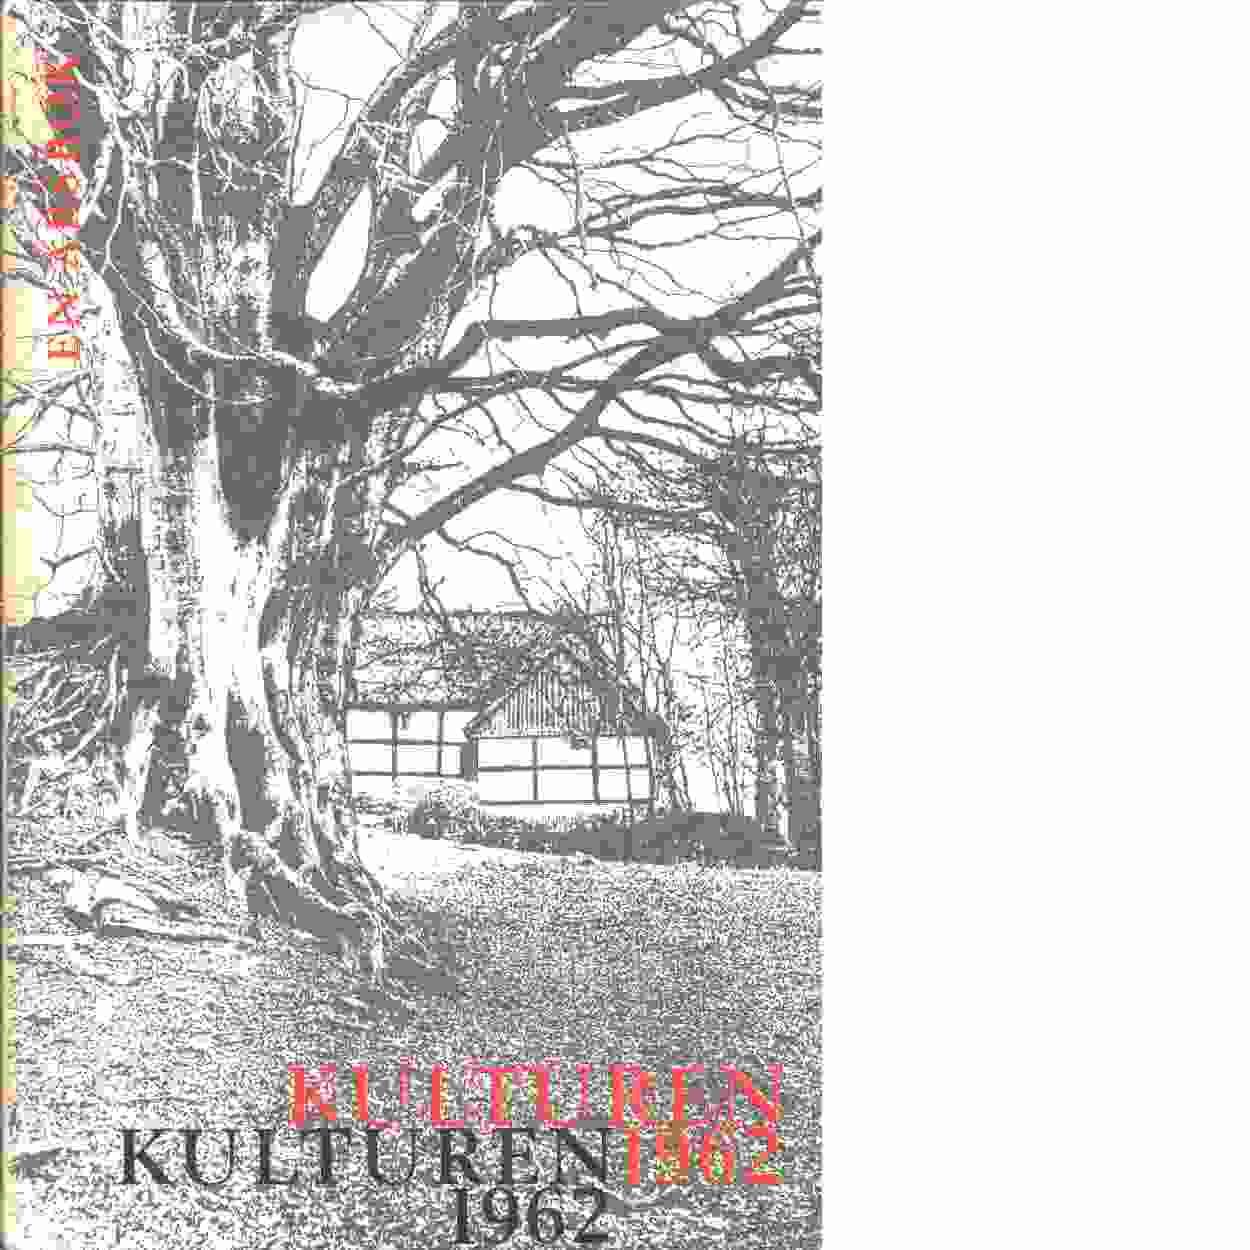 Kulturen 1962 - Red